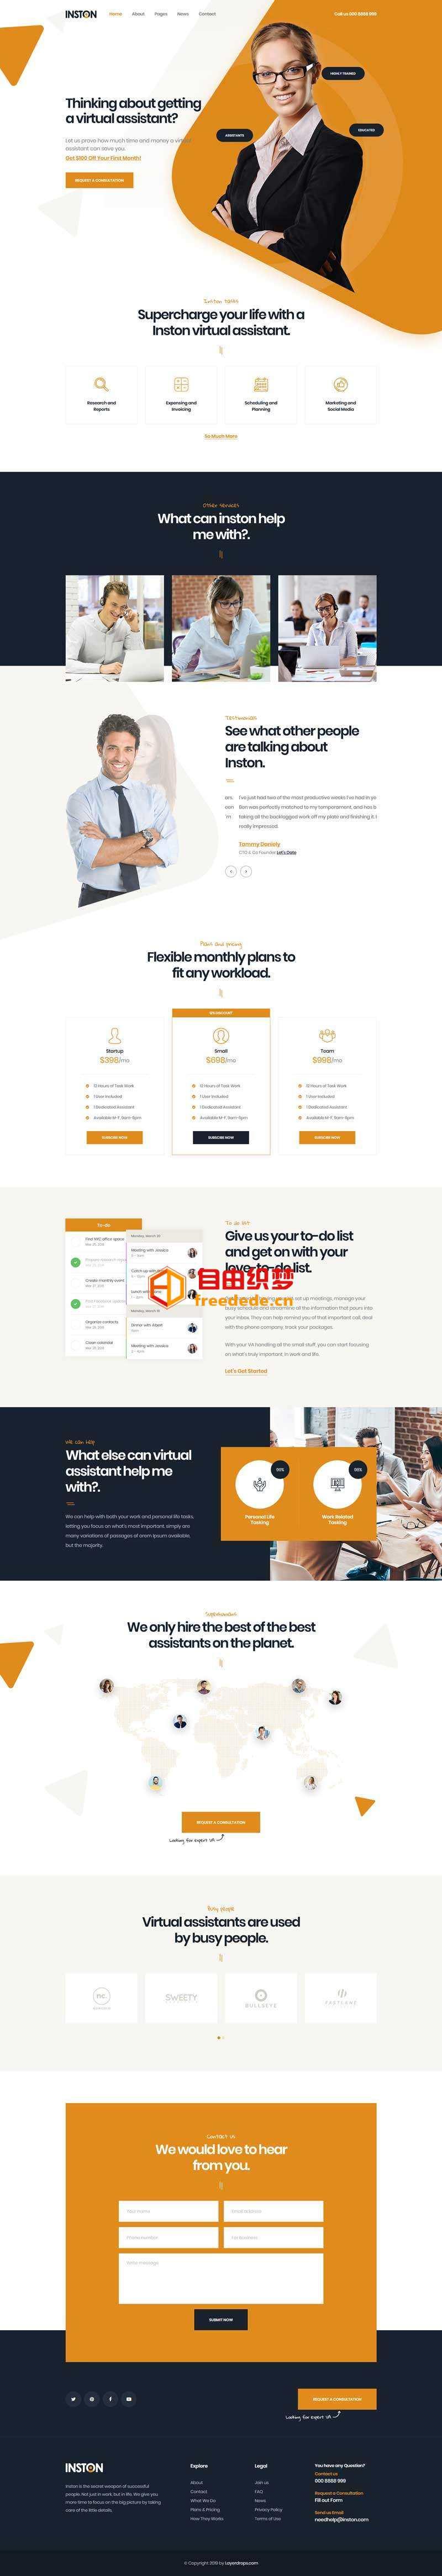 爱上源码网文章橙色的seo网络营销公司官网模板的内容插图